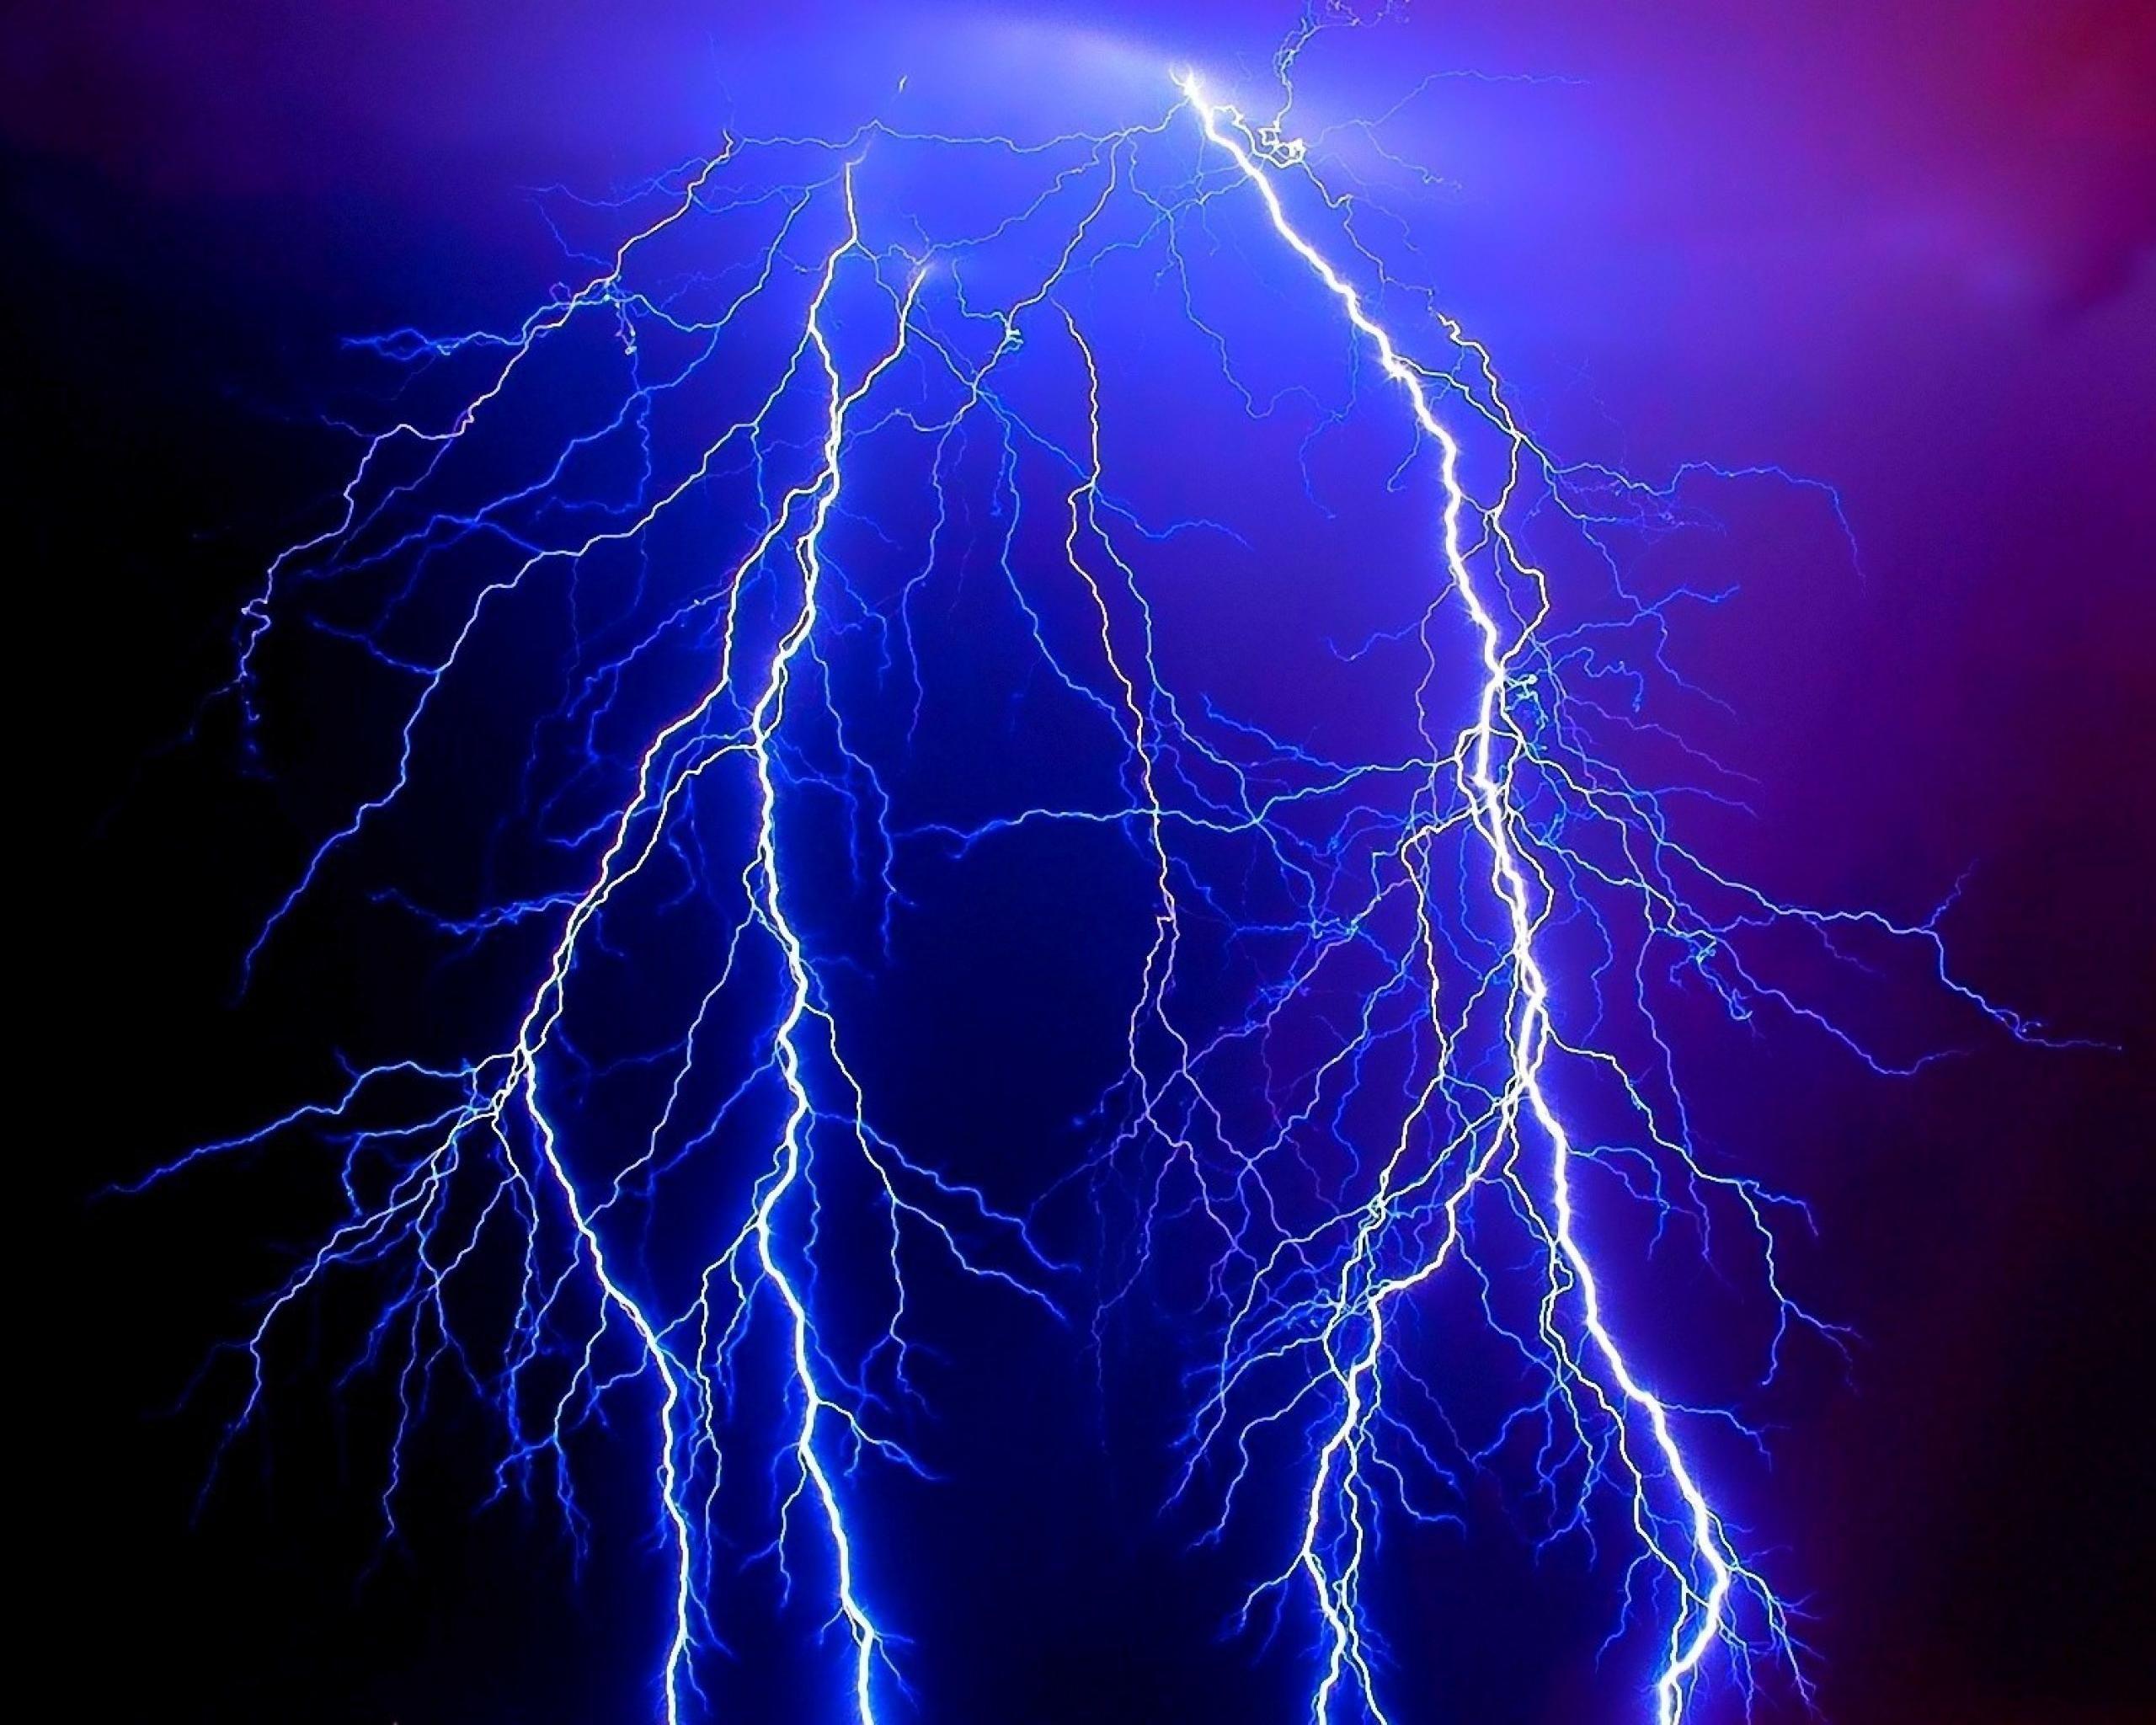 Lightning Backgrounds Wallpaper Cave Blue Lightning Lightning Lightning Storm Find the best free stock images about light background. lightning backgrounds wallpaper cave